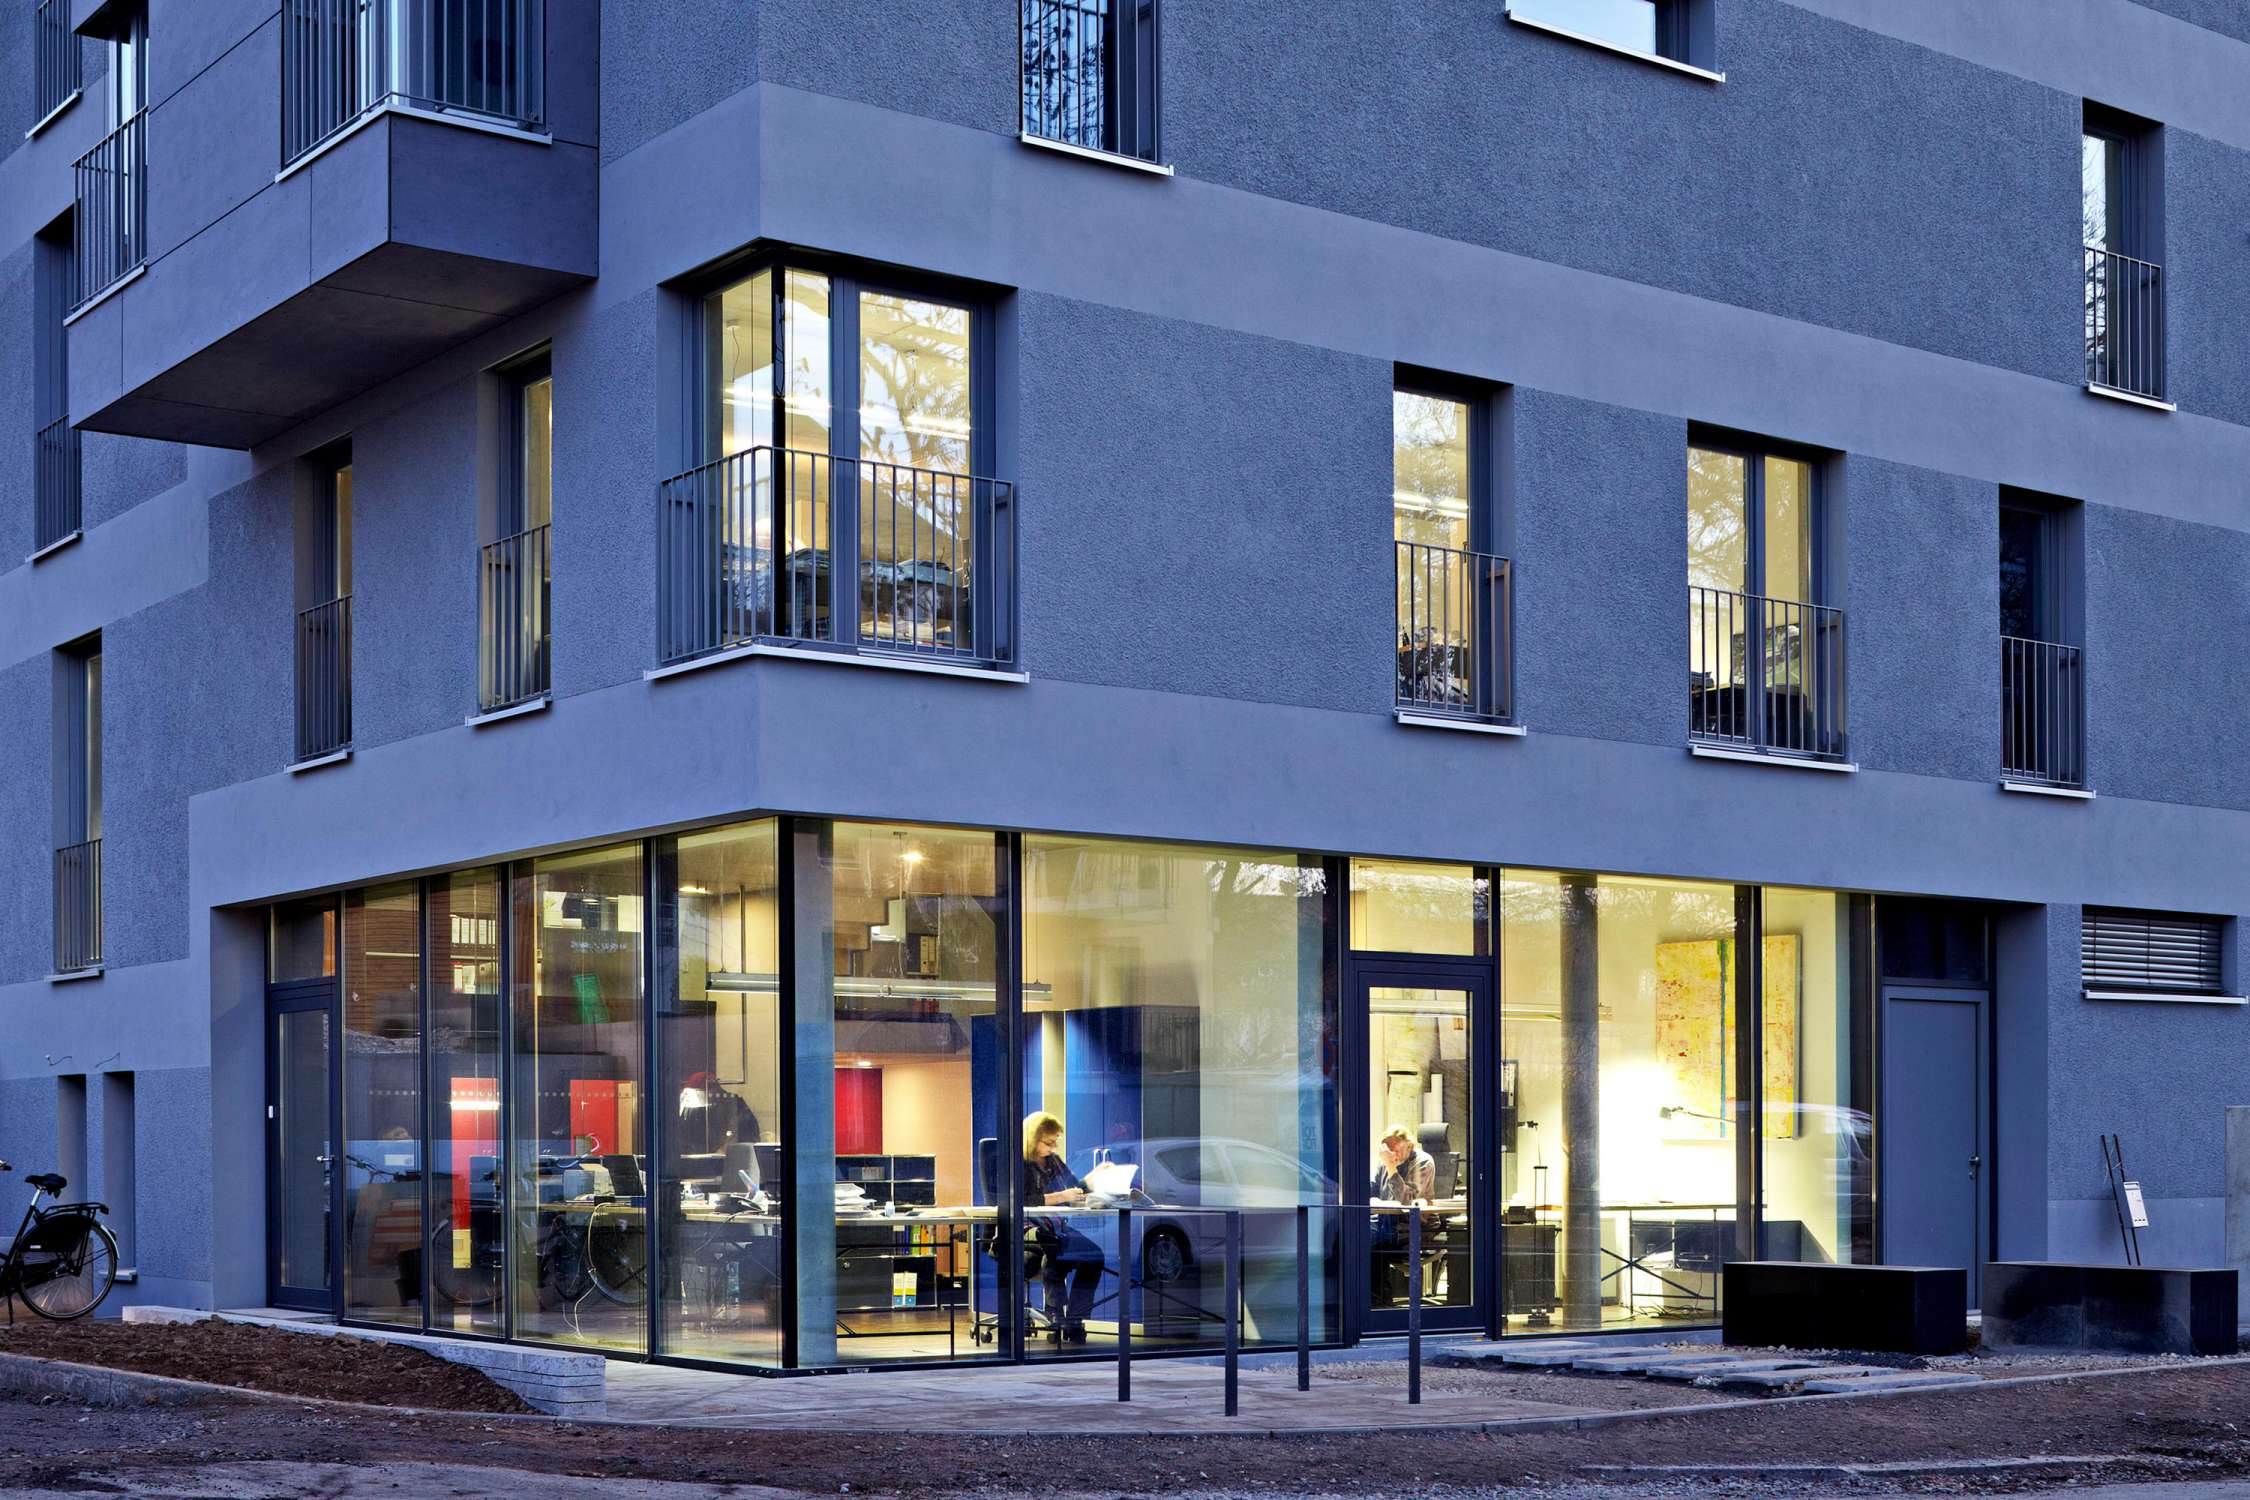 Ausbau Architekturbüro (12)